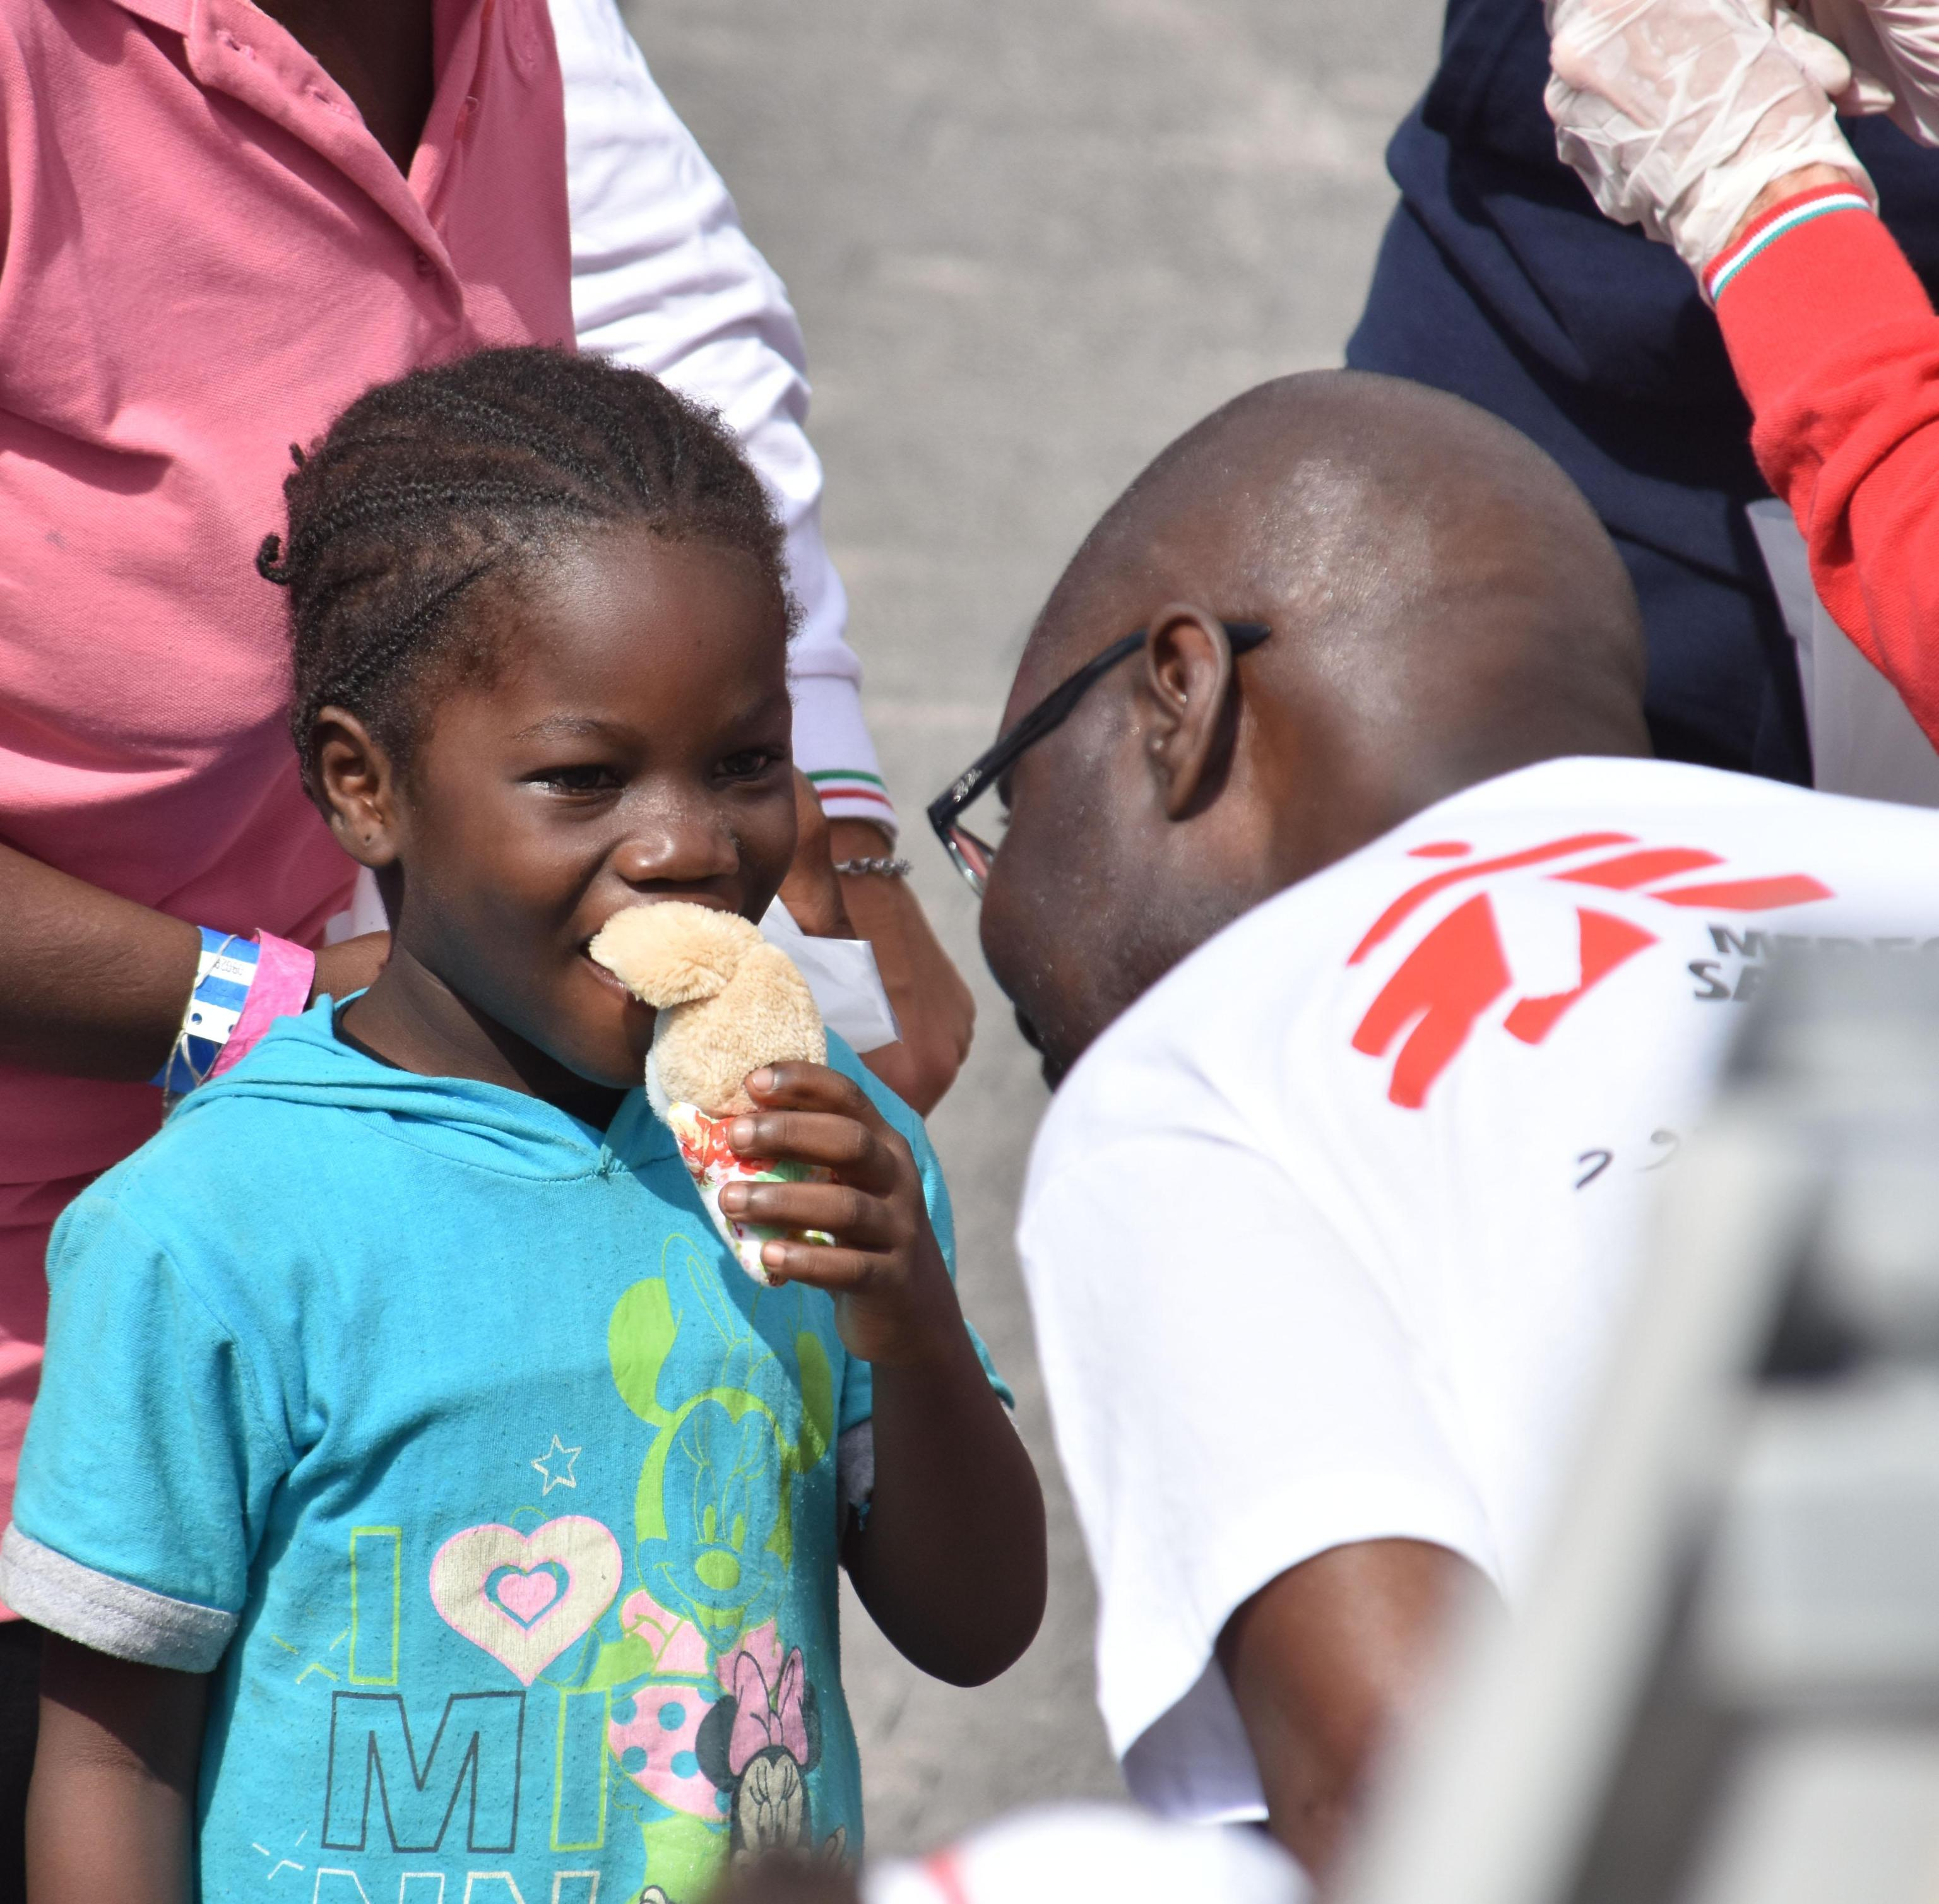 A Catania sbarcheranno 937 migranti salvati dalla Guardia Costiera italiana